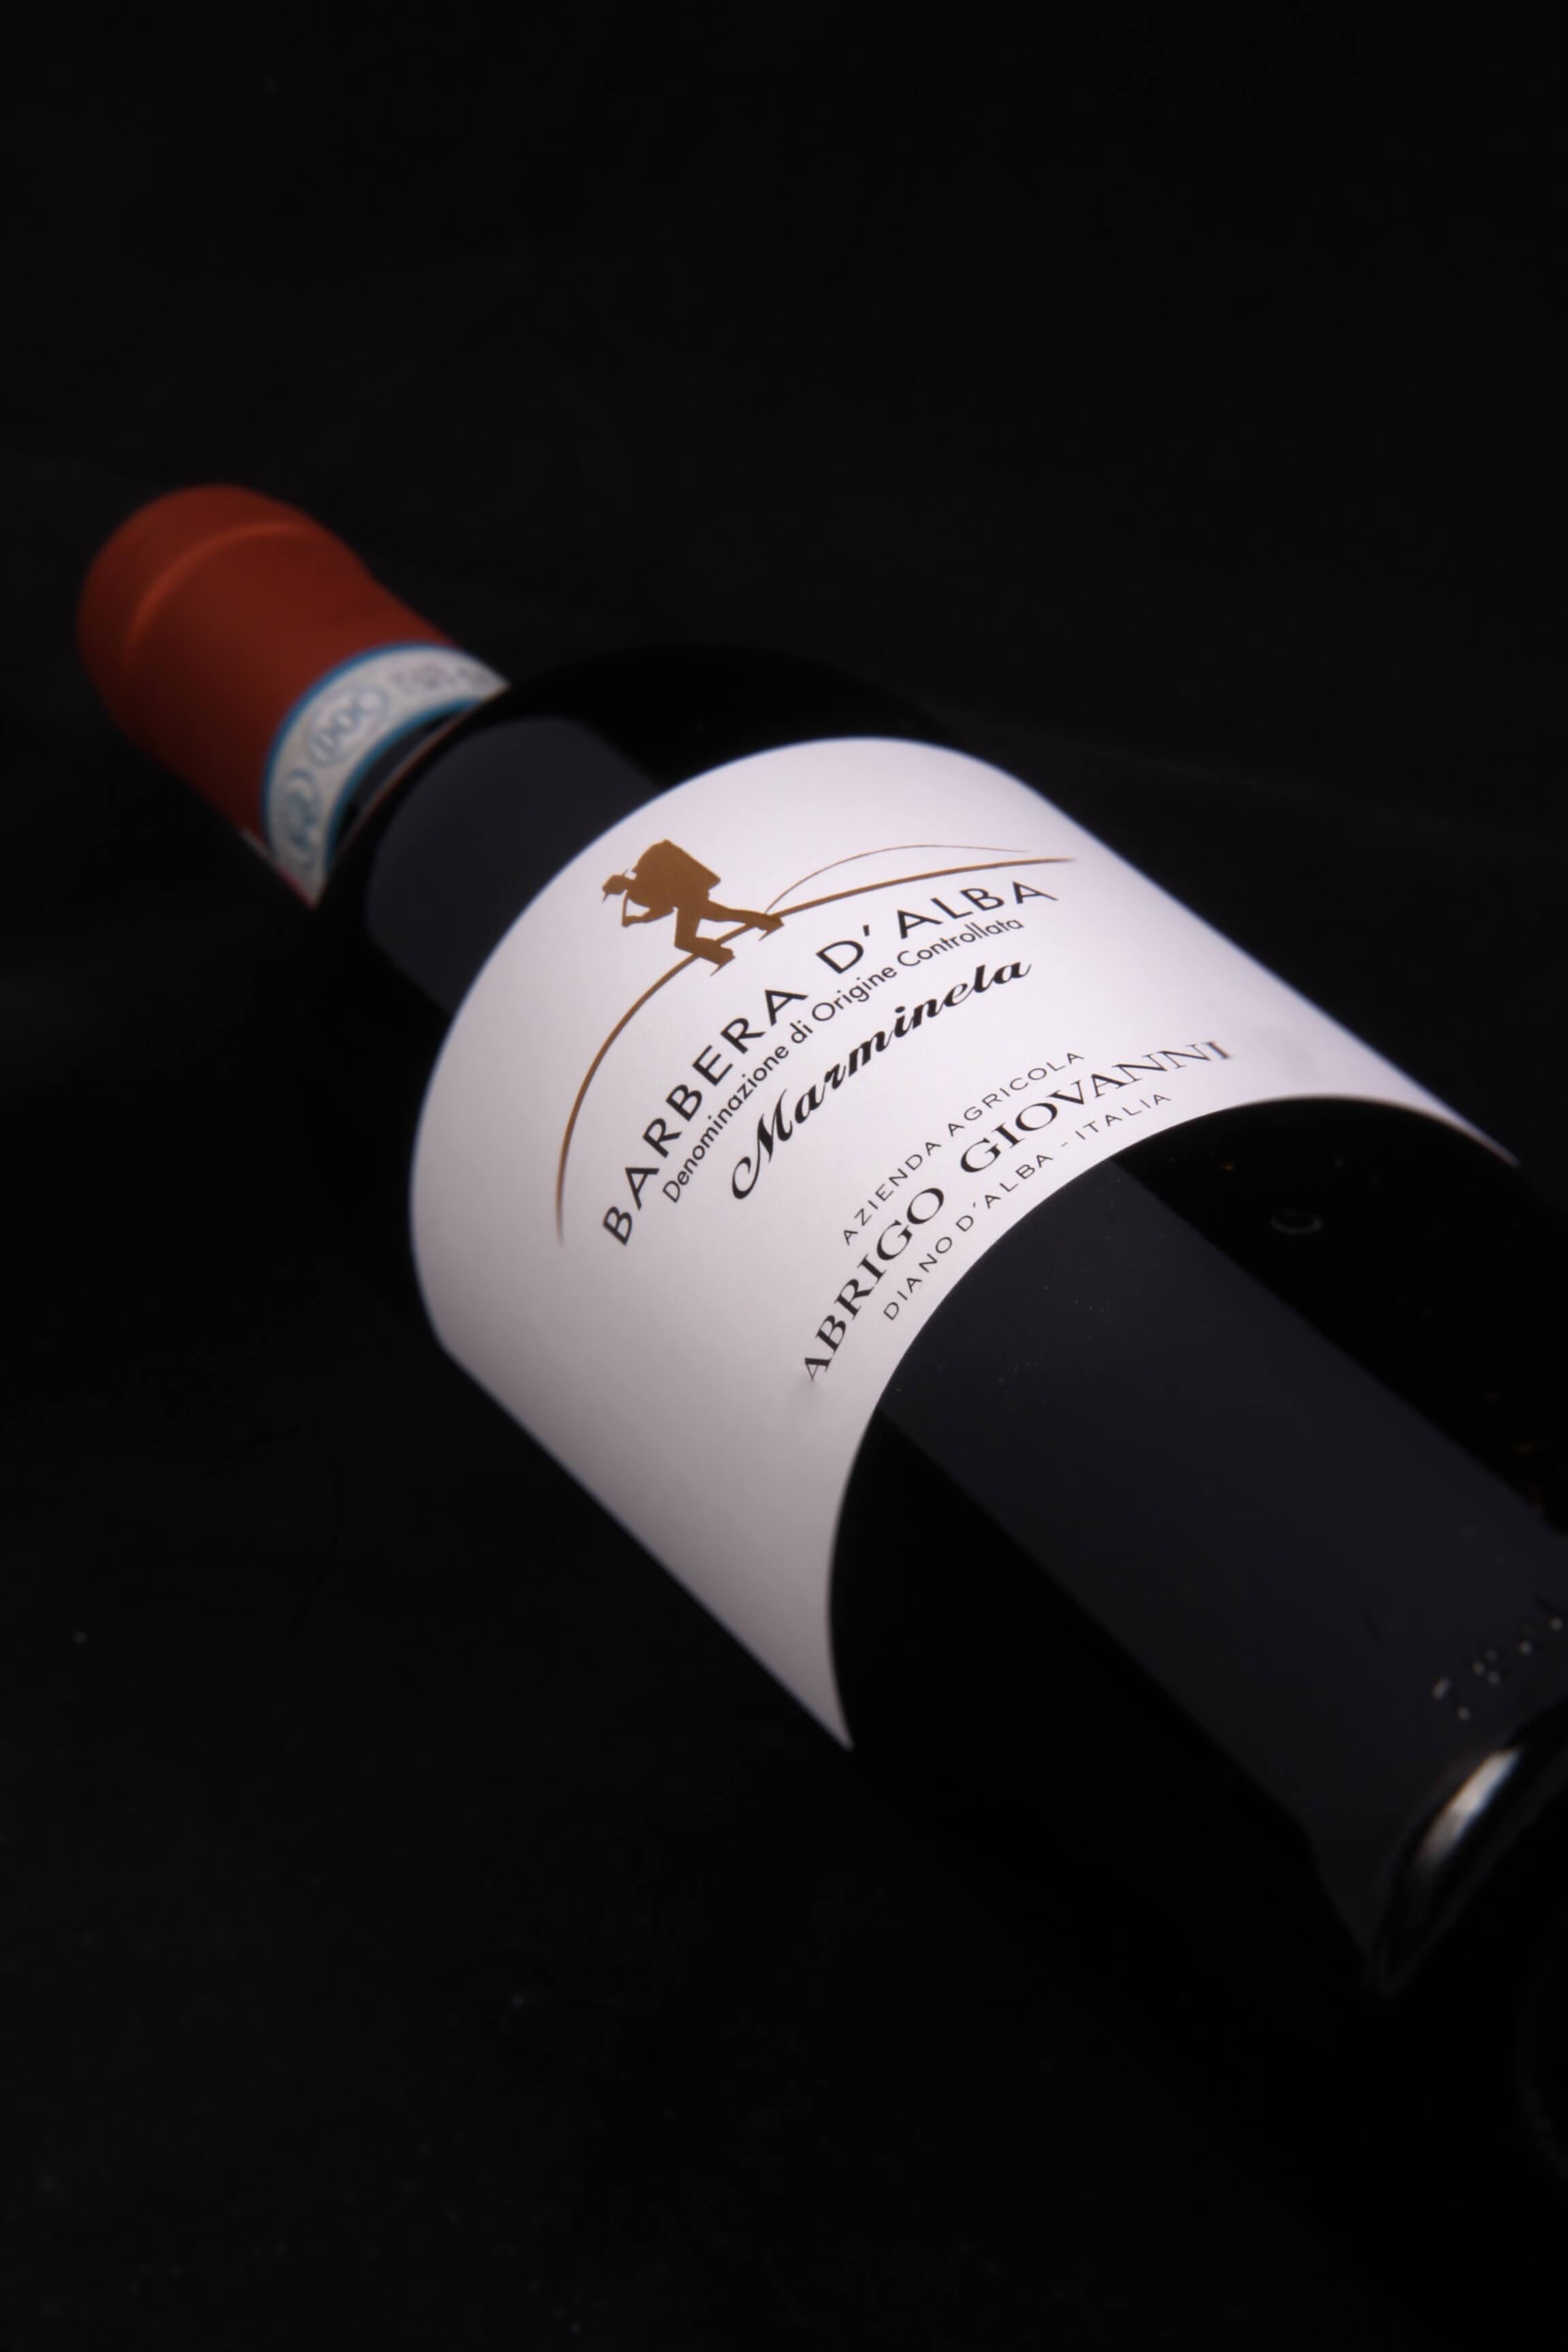 vino_nostrum-importadora_de_vinos_y_alimentos_ok21